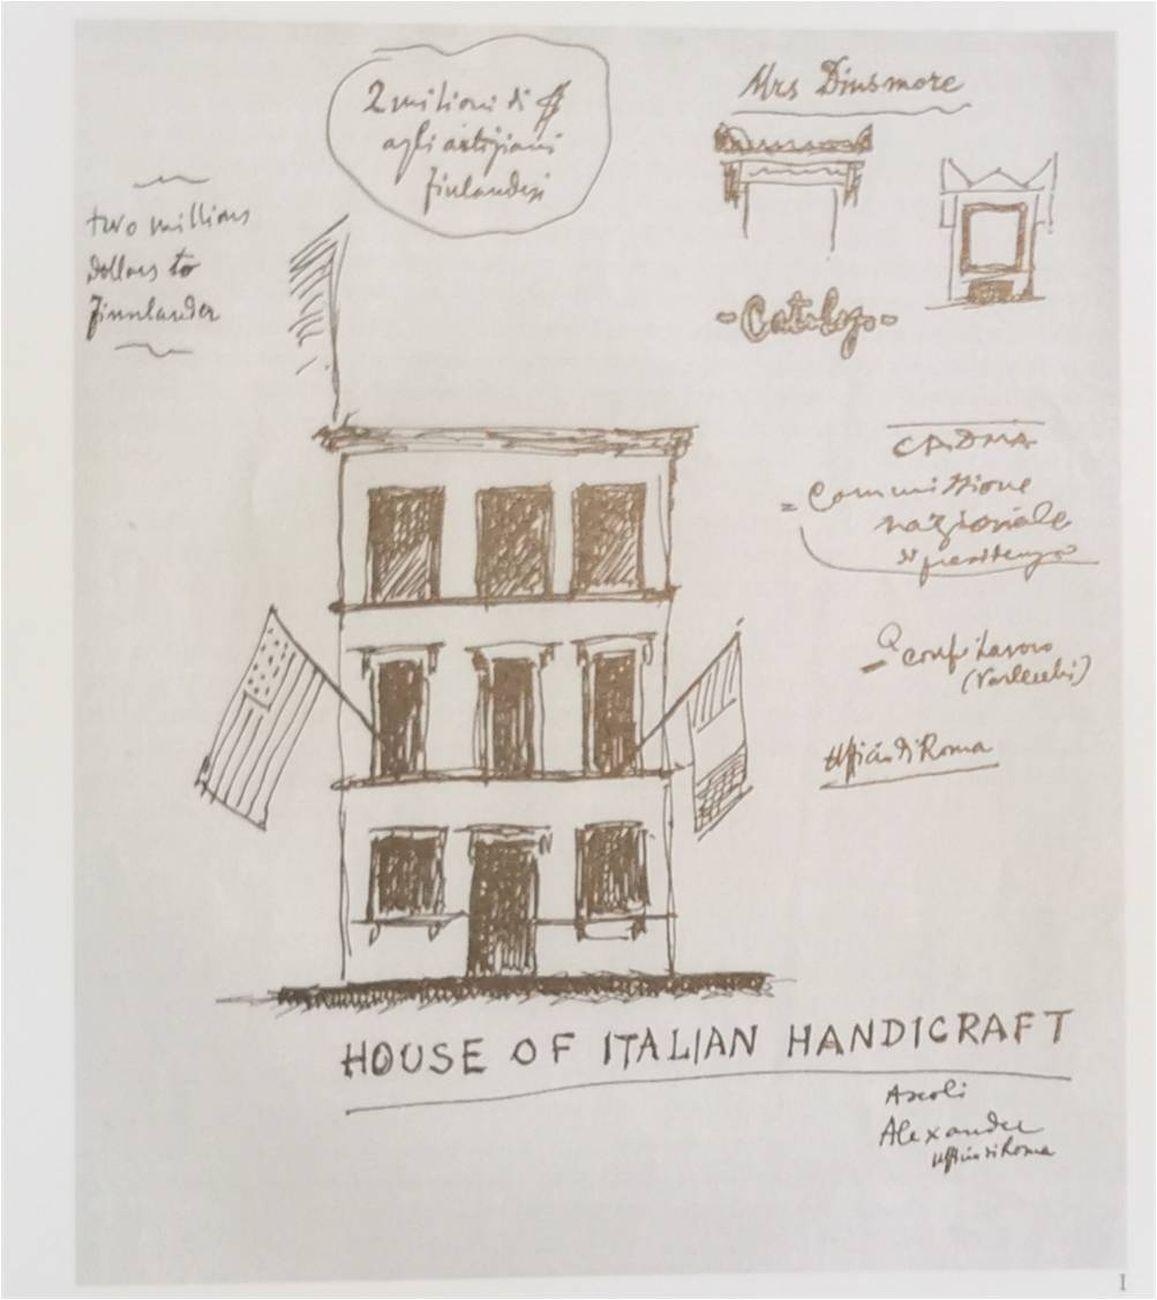 House of Italian Handcraft di New York, disegno di Ragghianti, ca. 1947